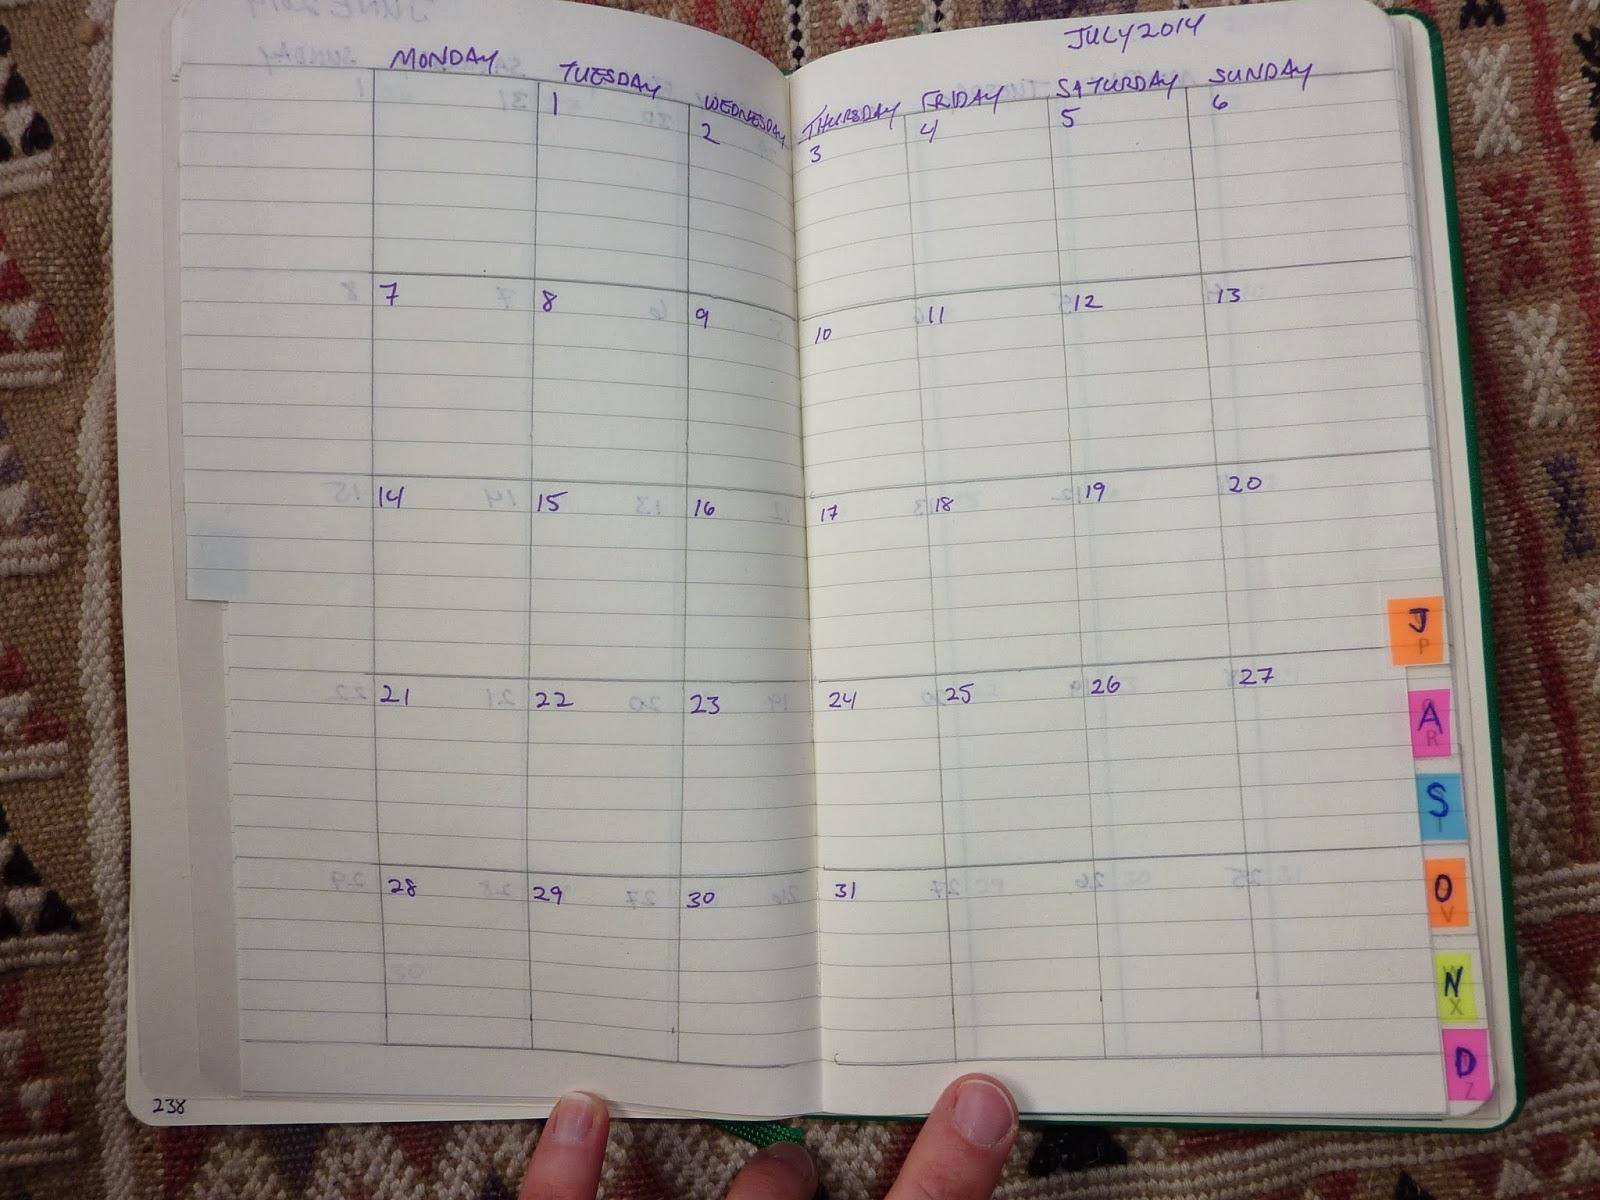 moleskine book journal template - plannerisms bullet journal notebook changeover